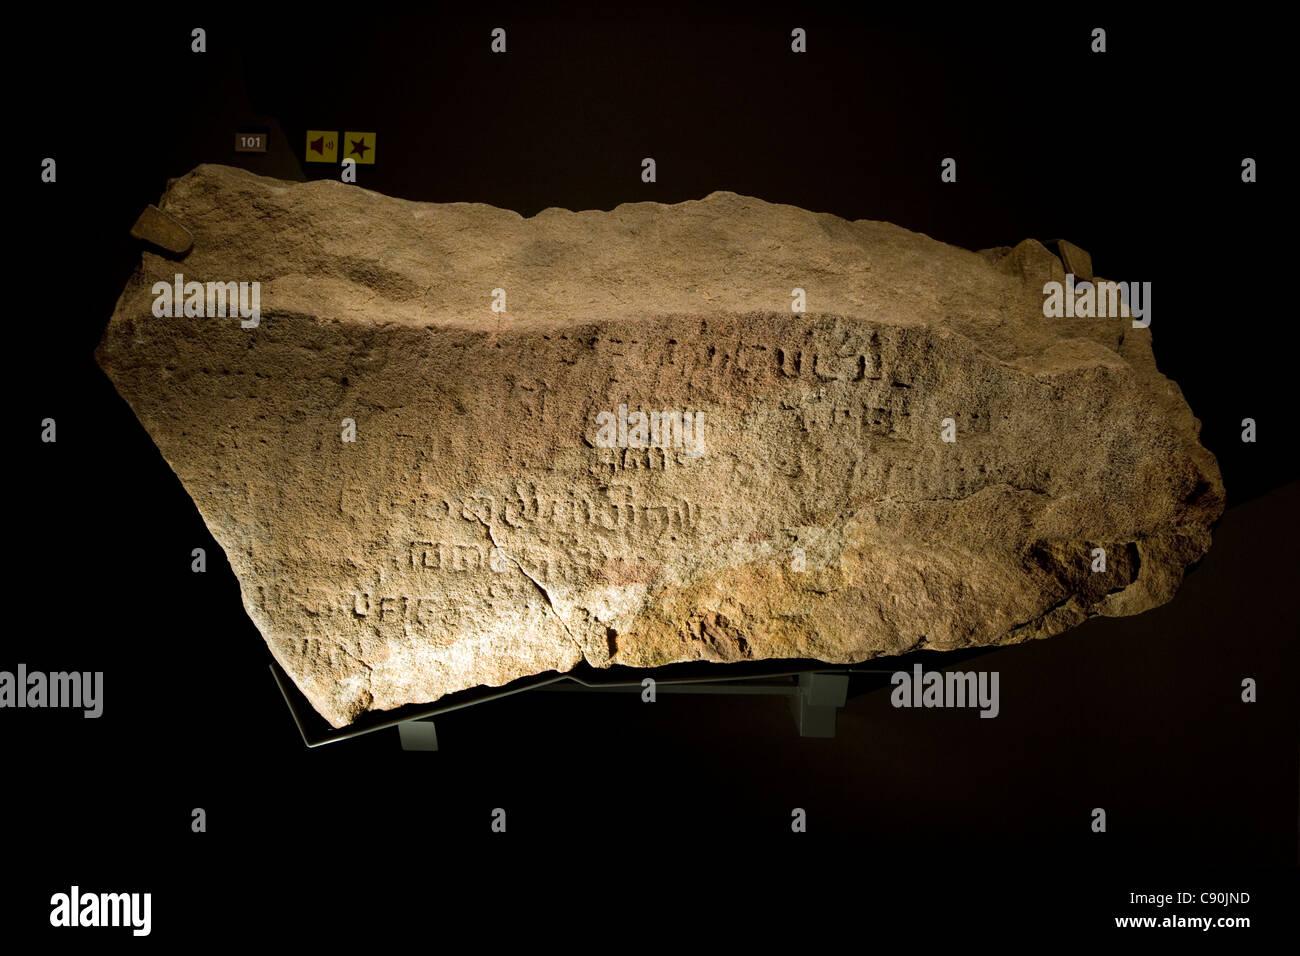 Museo Nazionale di Singapore: Storia Galleria - Singapore Stone [xiv secolo antica lingua Sanscrita] Immagini Stock